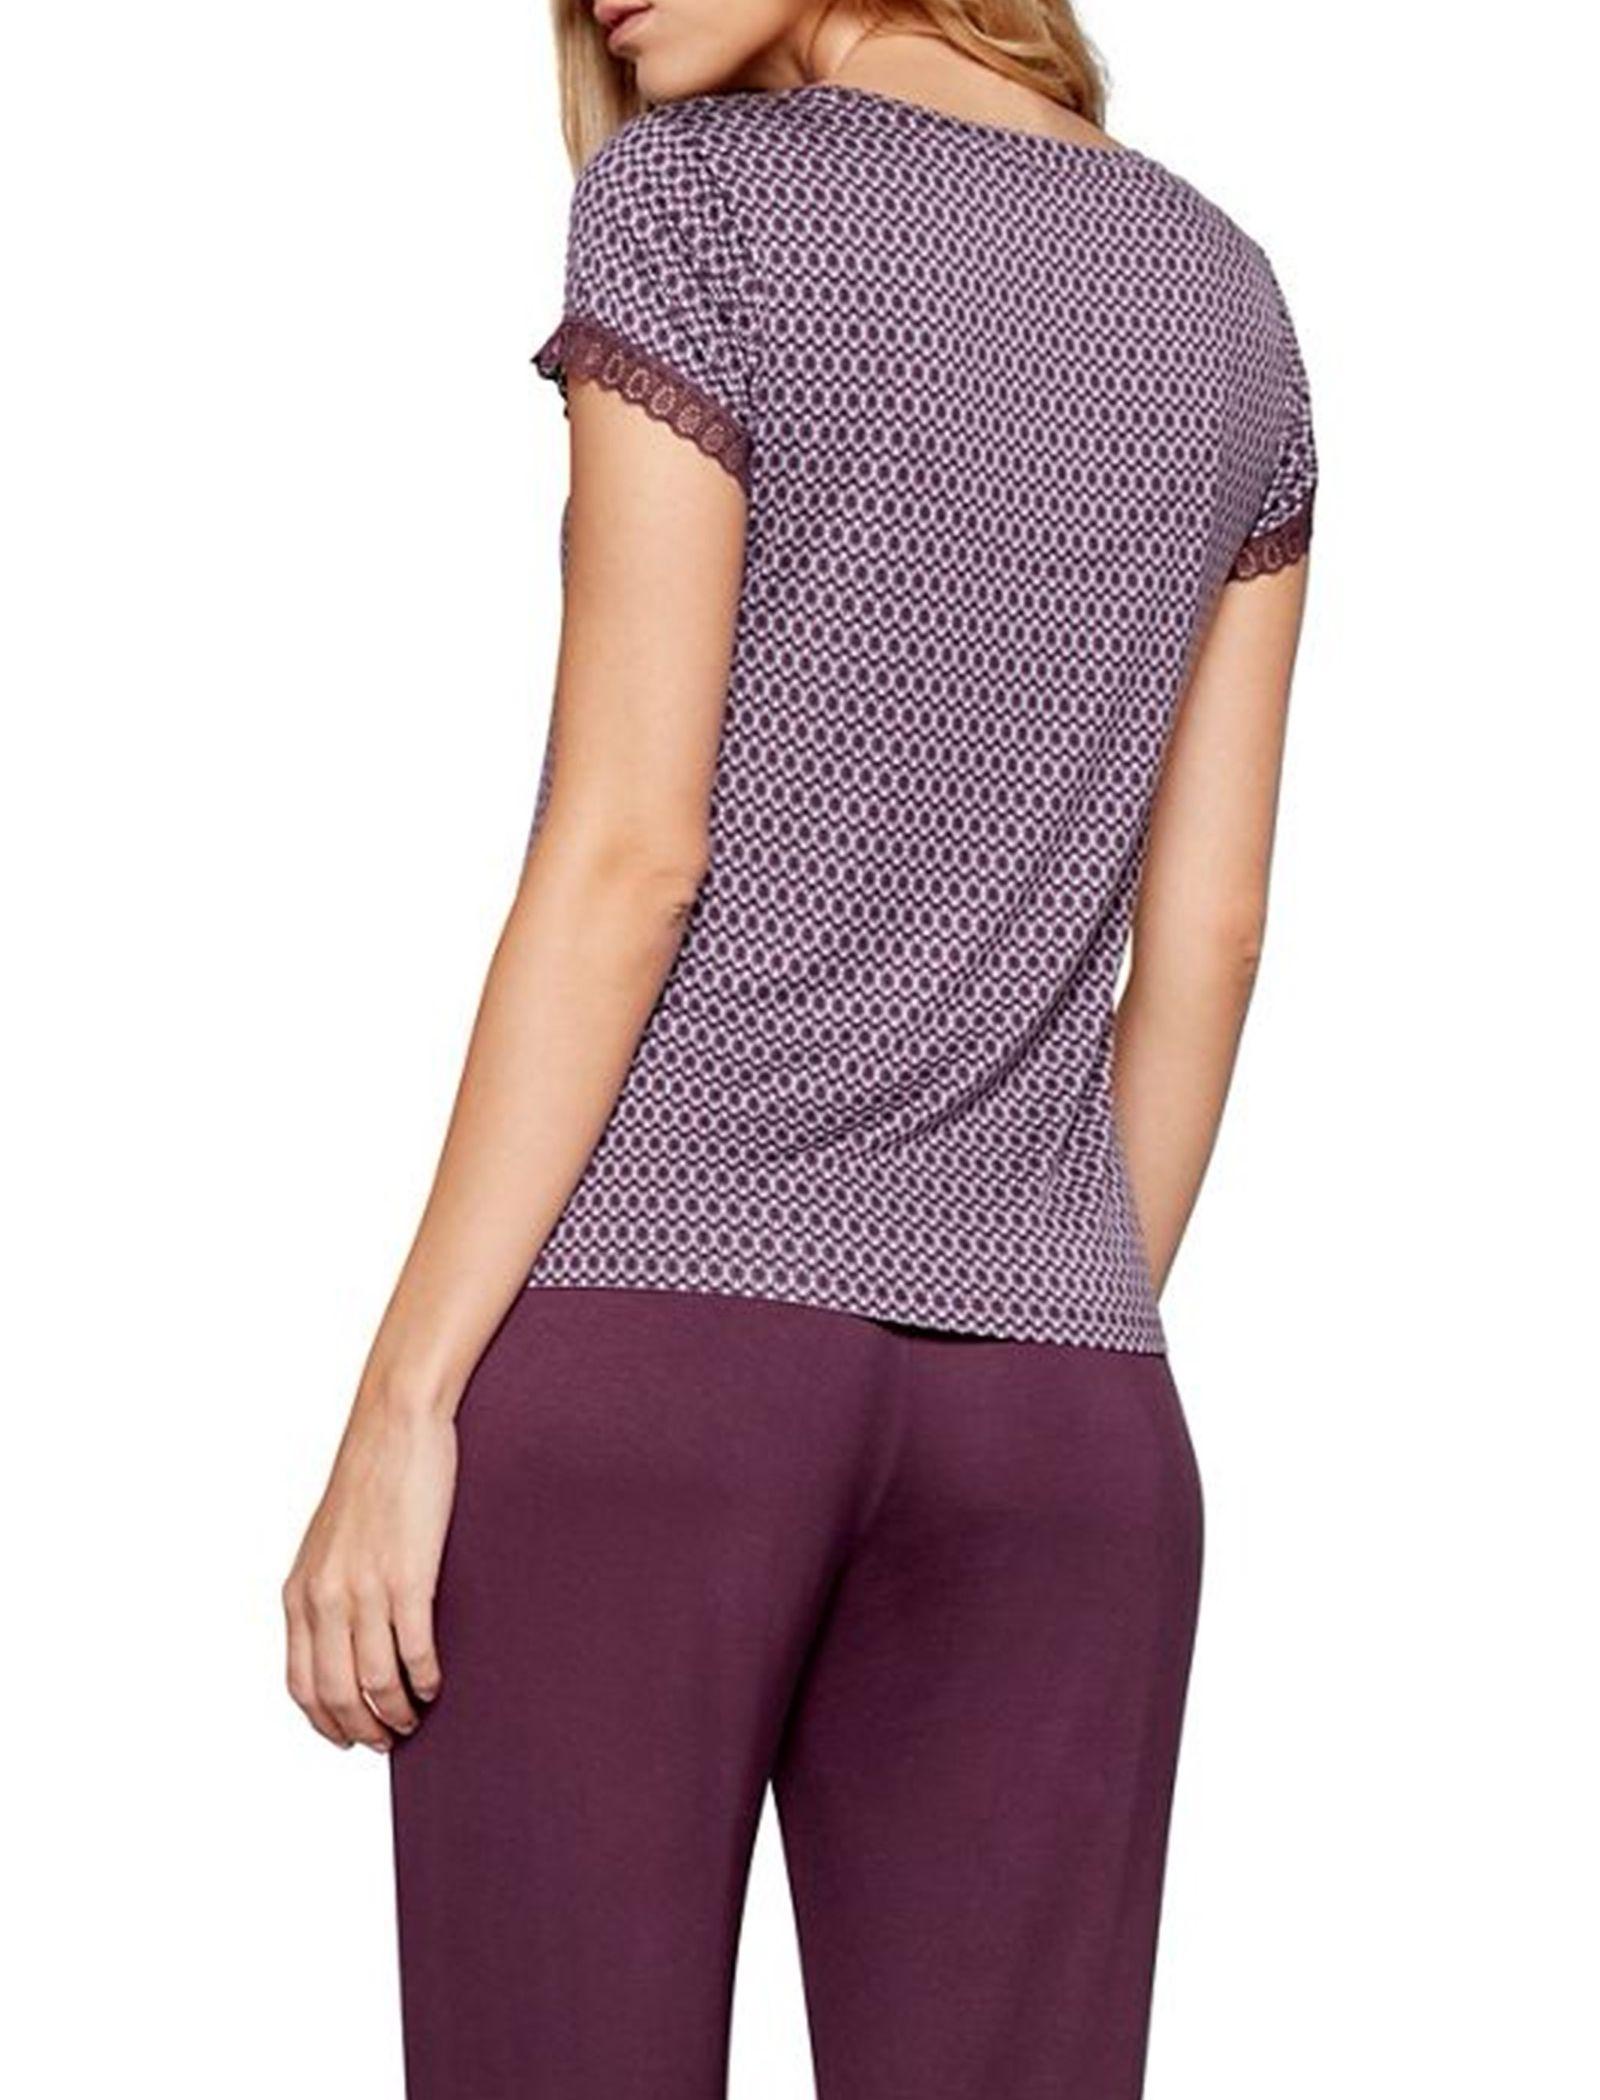 تی شرت راحتی ویسکوز زنانه City Chic - جی بای جسپرکنران - بنفش - 3